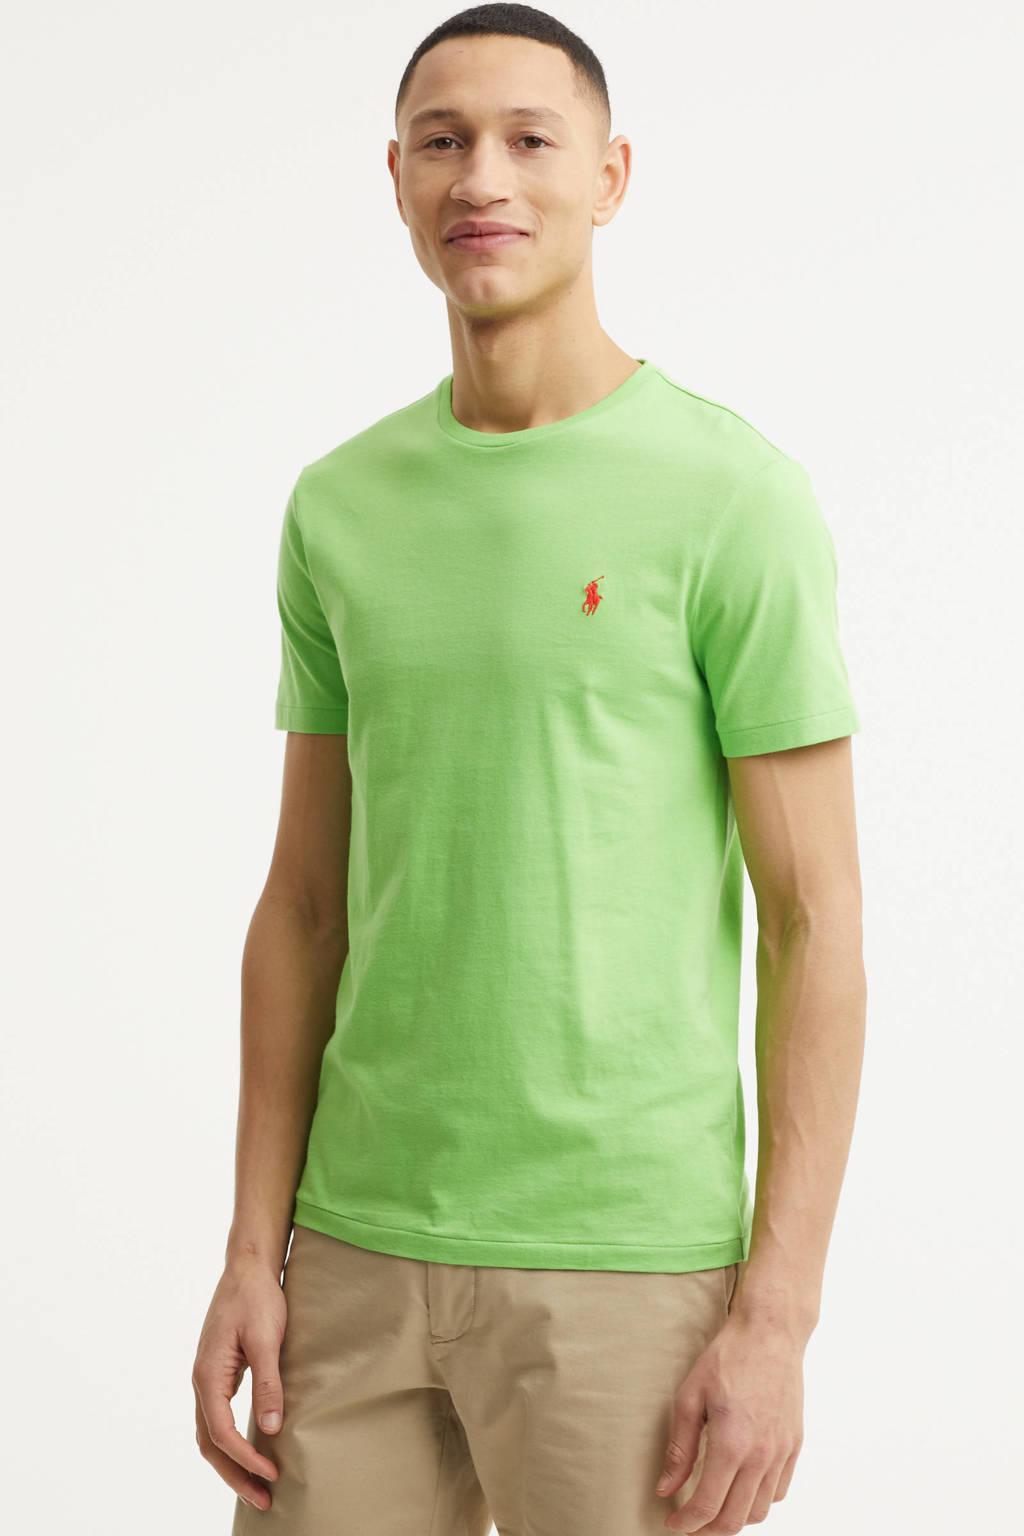 POLO Ralph Lauren T-shirt limegroen, Limegroen